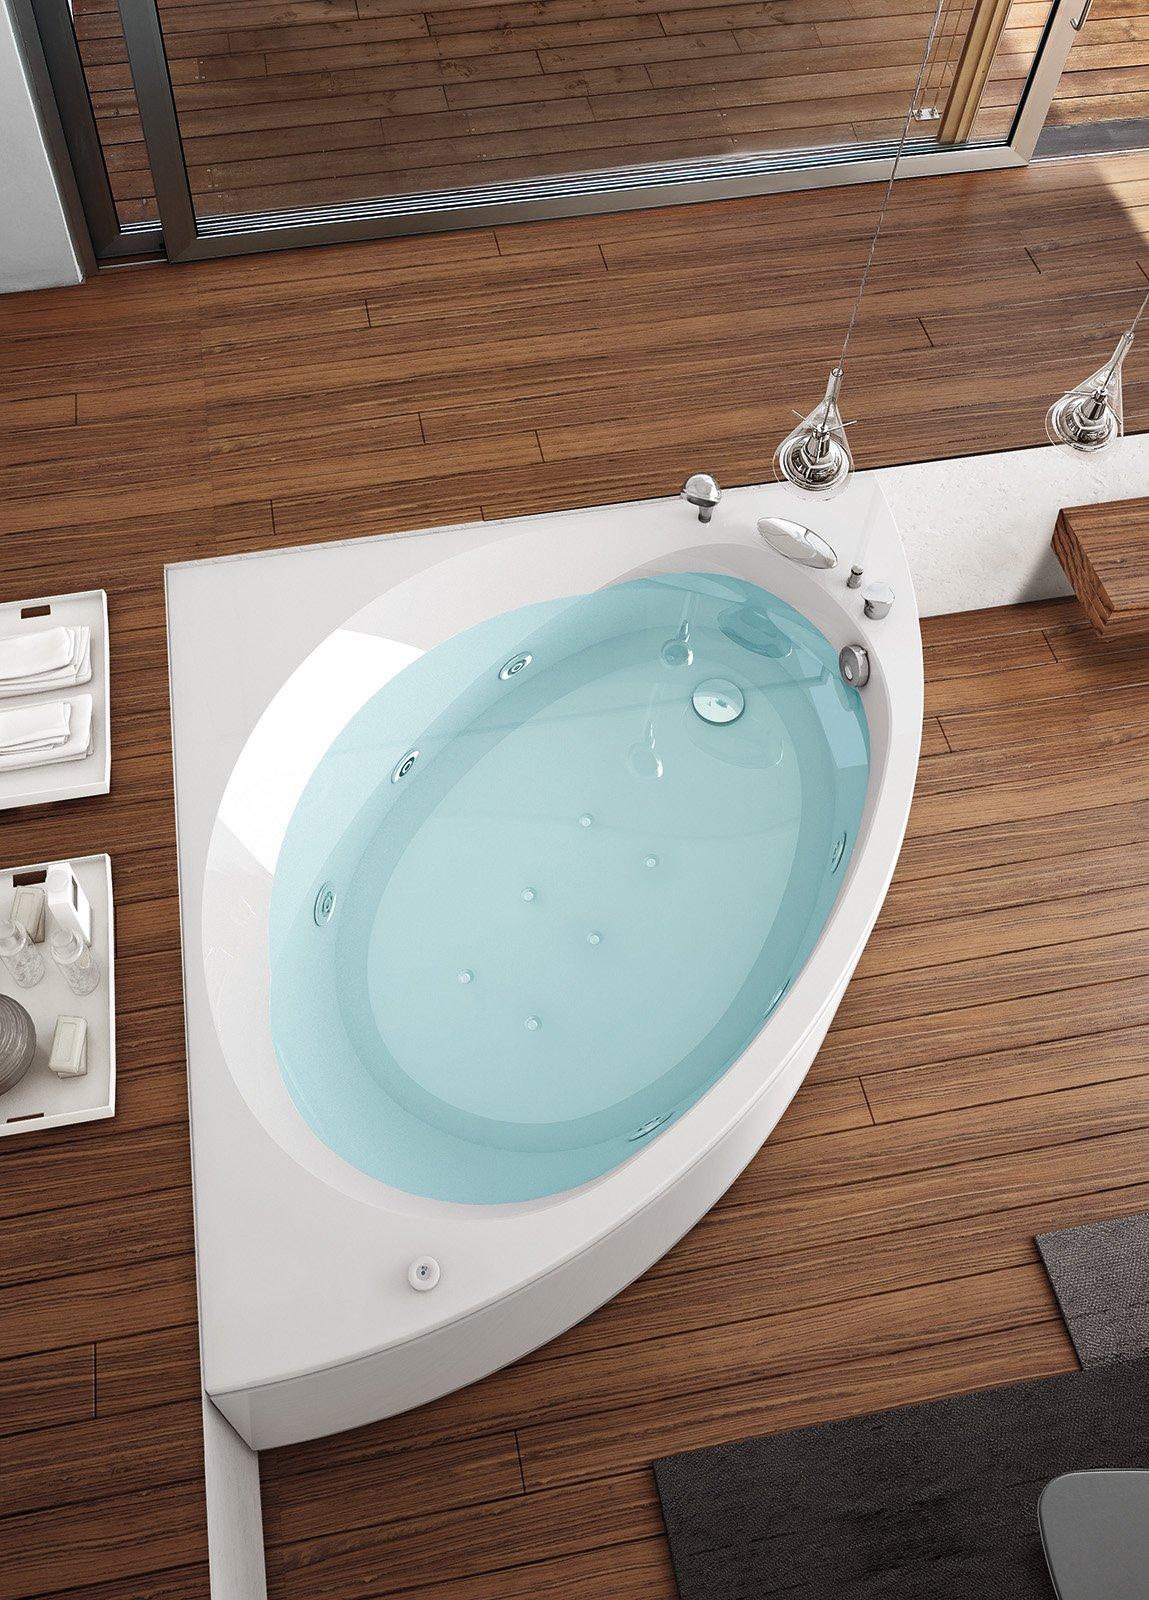 Bagno sfruttare l 39 angolo cose di casa - Smalto per vasca da bagno prezzi ...